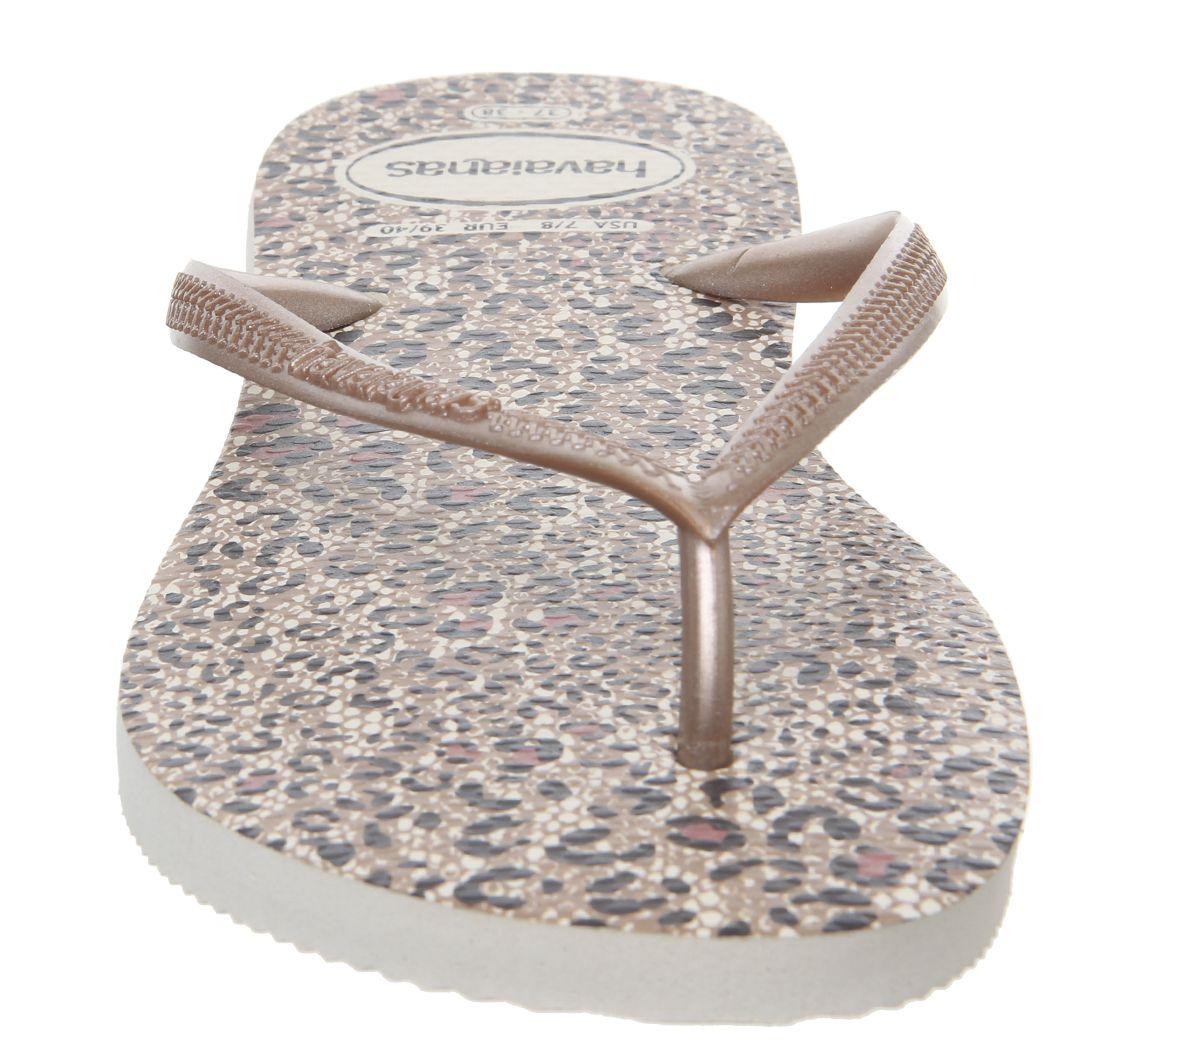 dd353c883b1e Havaianas Slim Animals Flip Flops Beige Rose Gold - Sandals